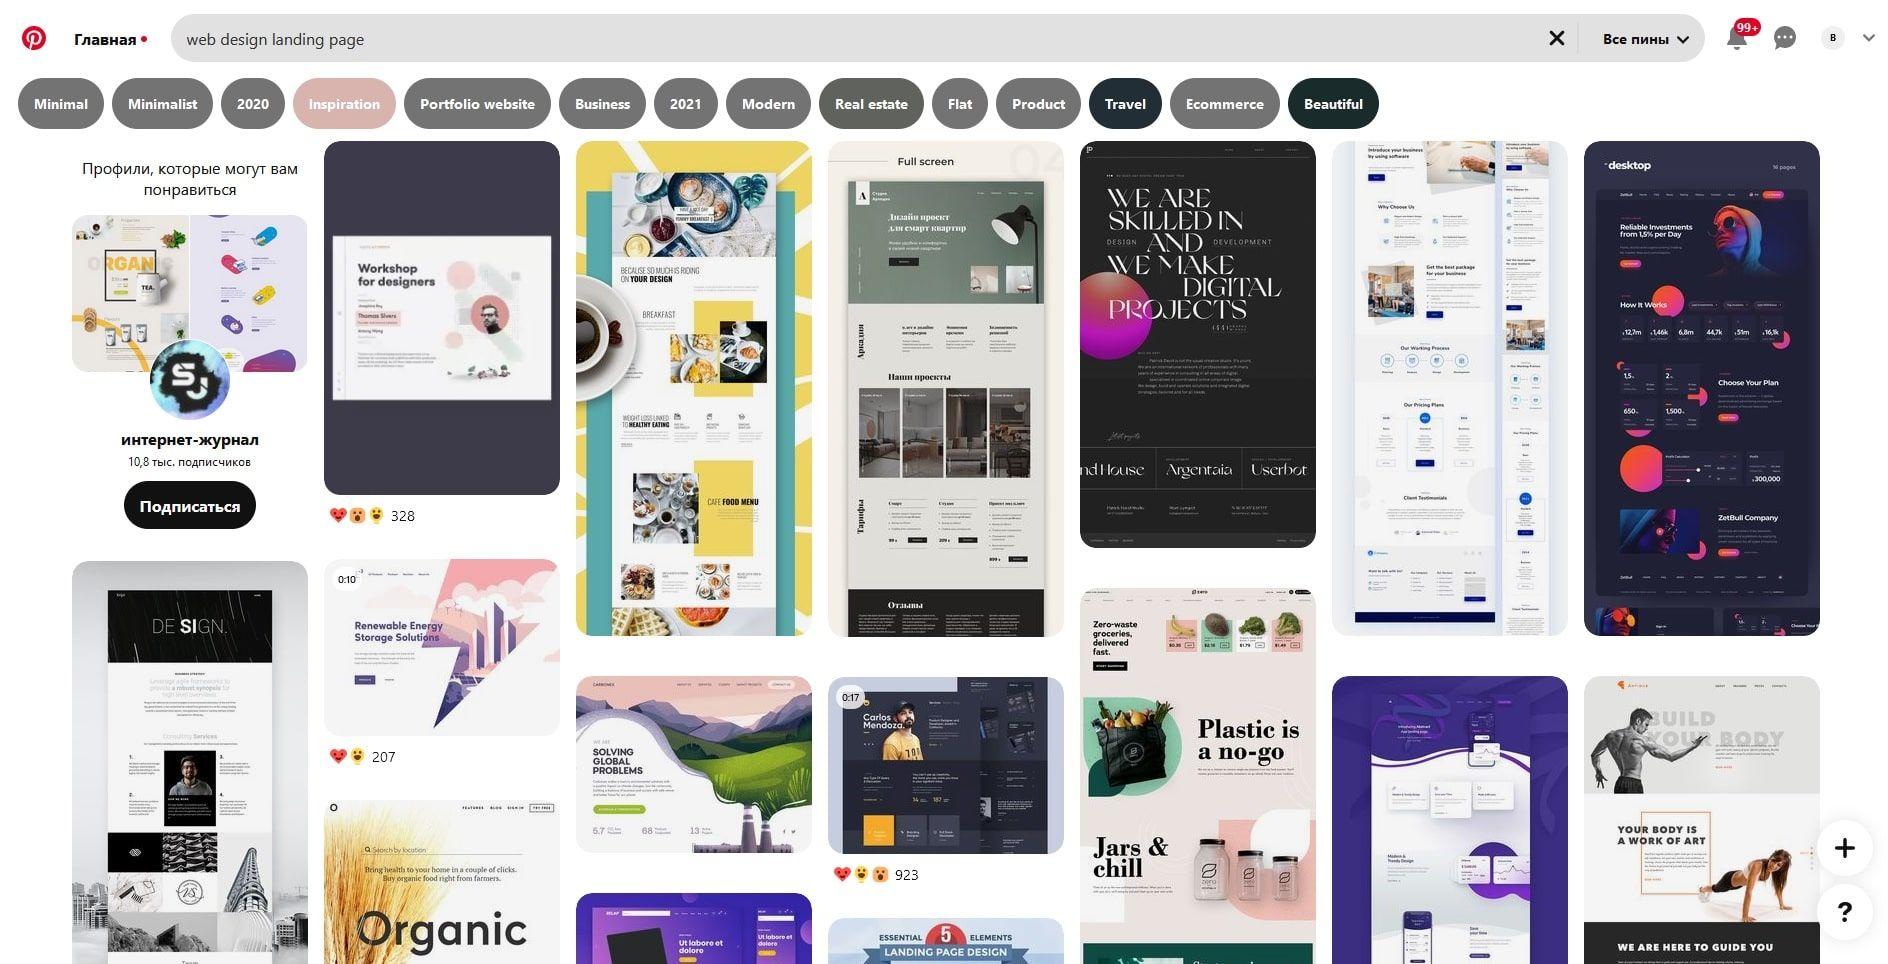 В Pinterest масса идей для создания познавательного, вовлекающего и имиджевого контента